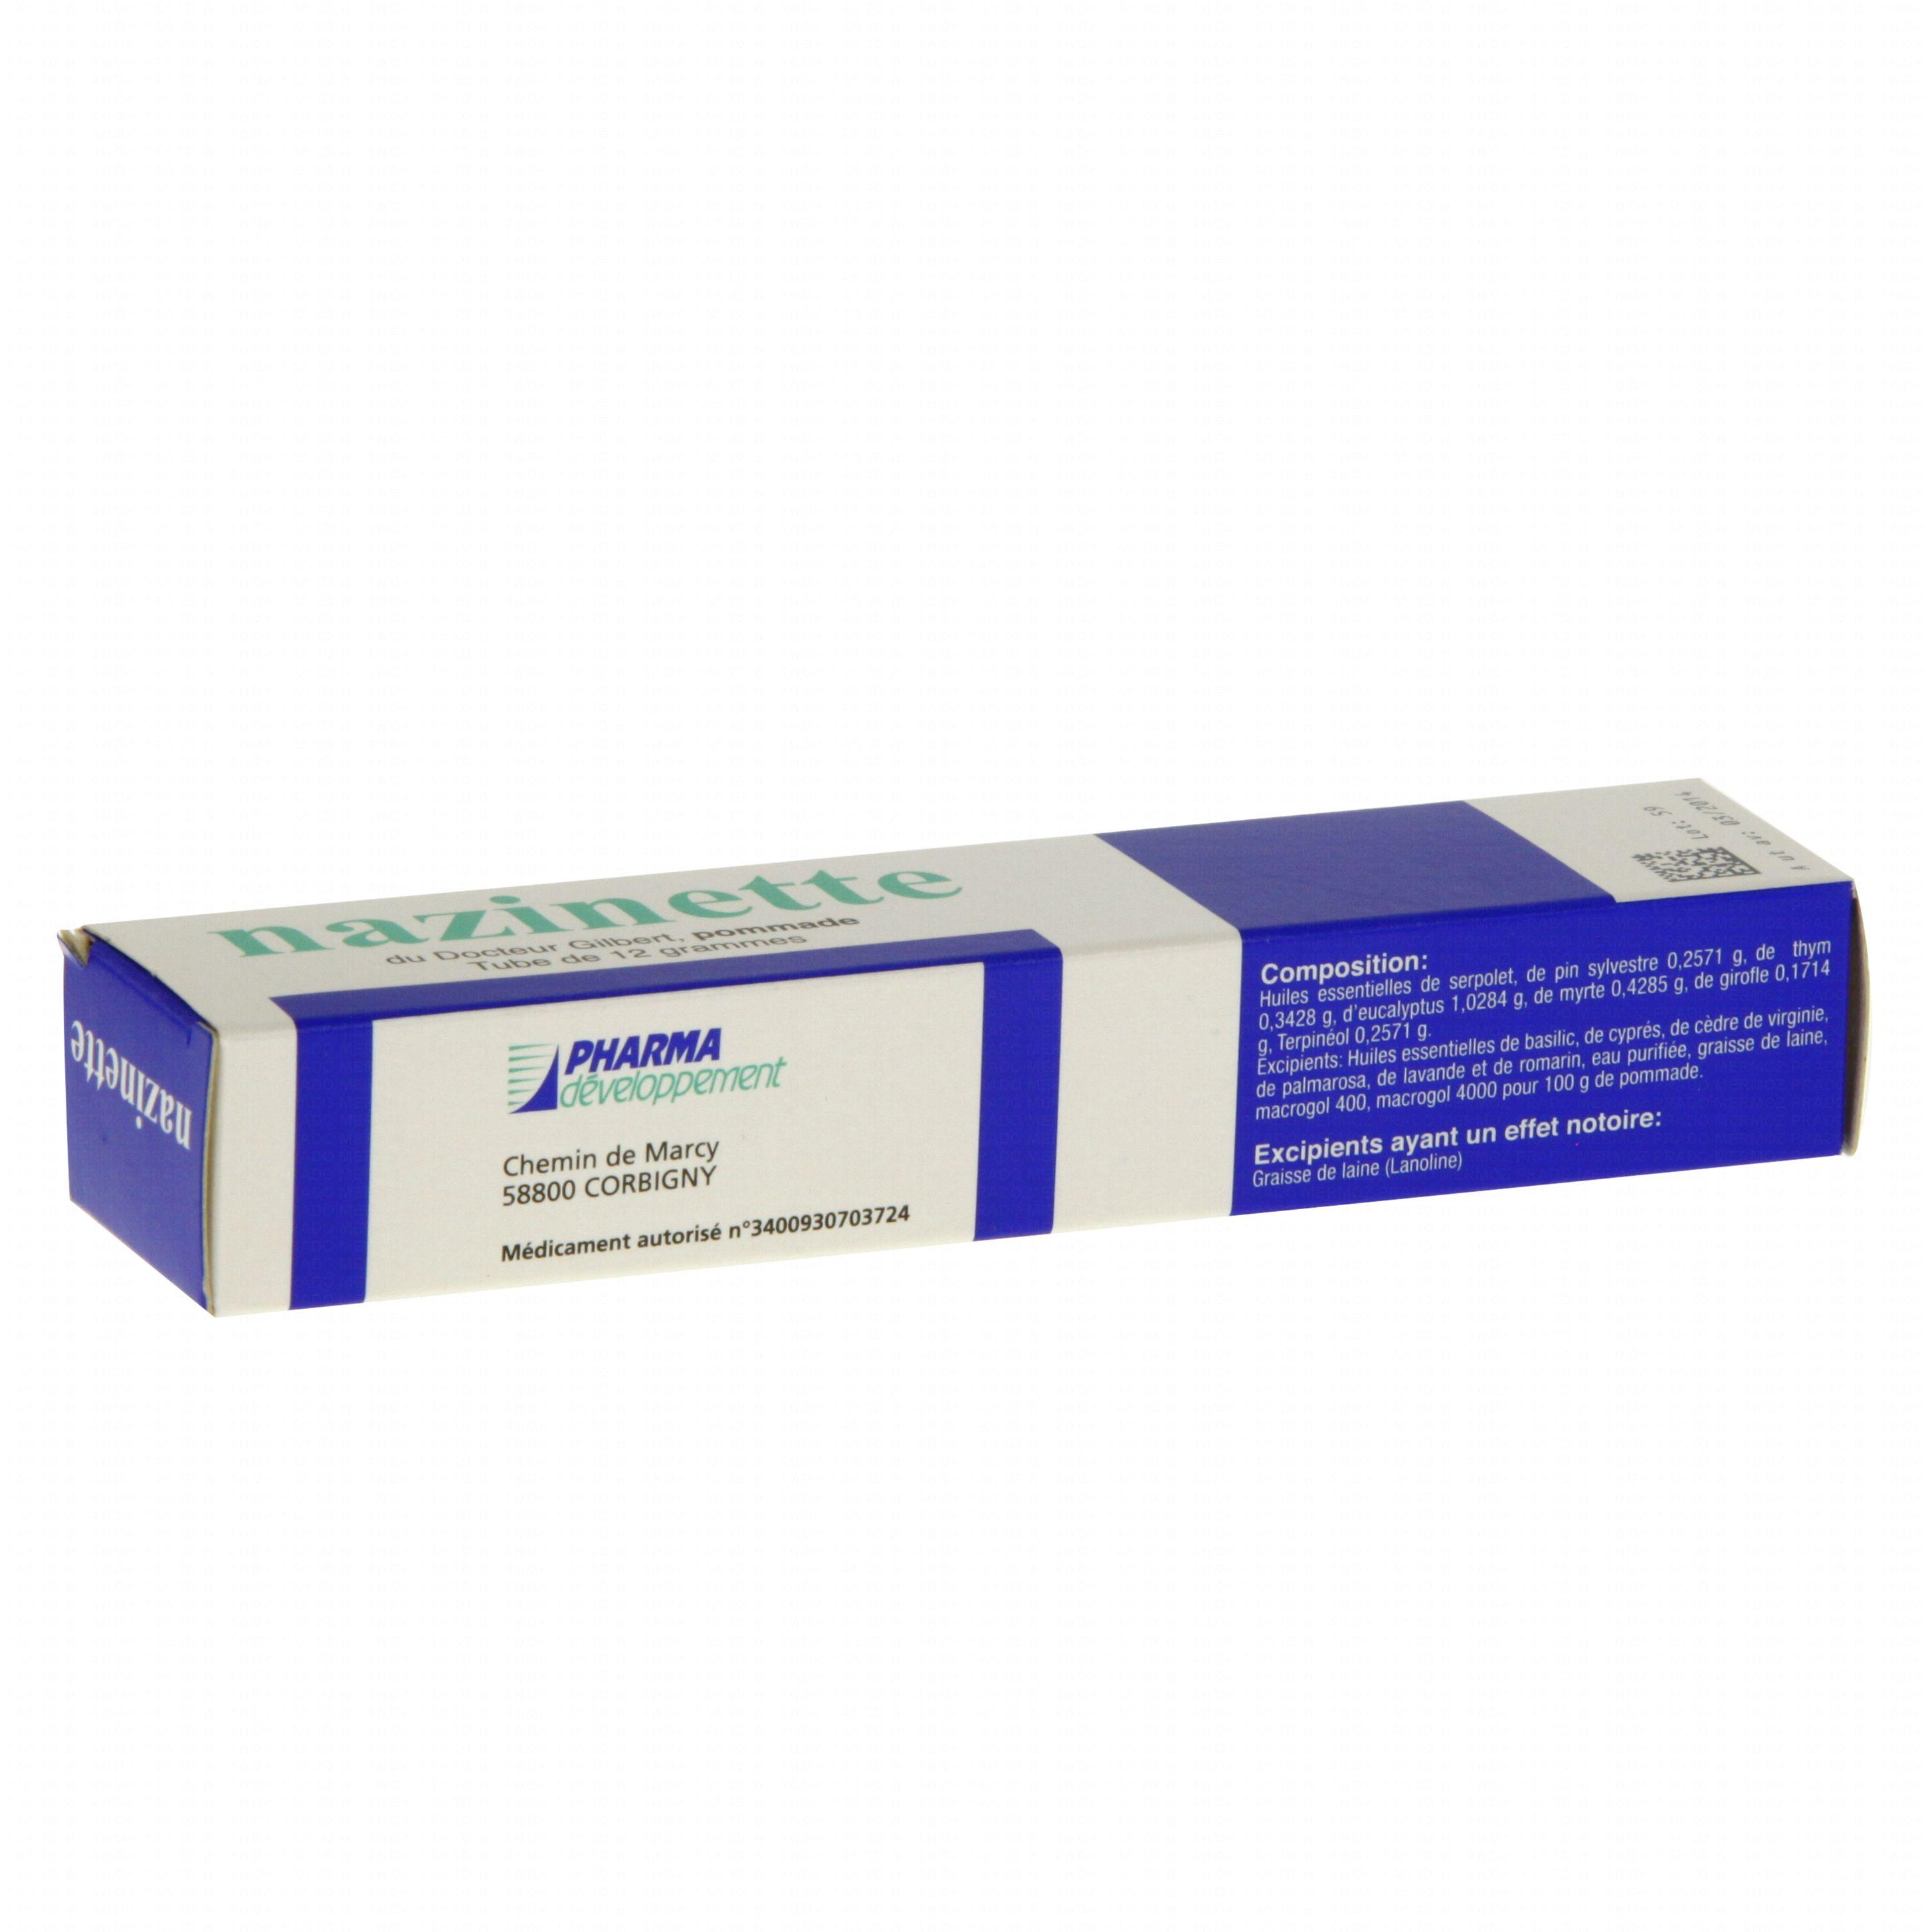 Nazinette du docteur gilbert tube de 12 g Pharma